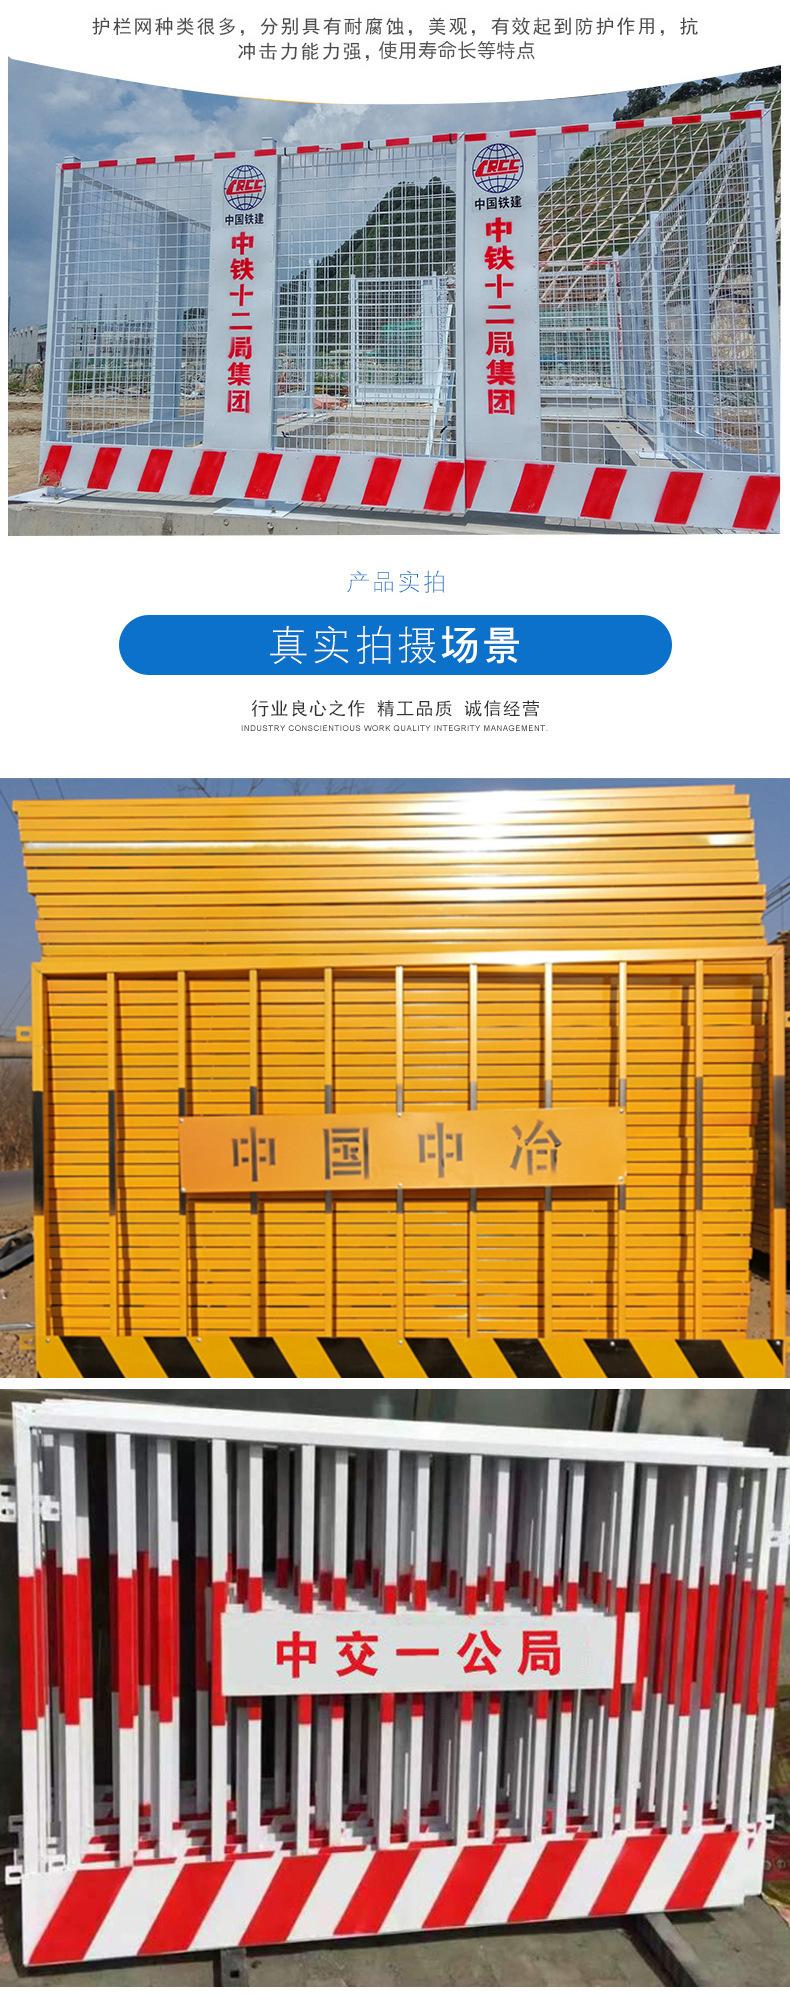 现货建筑工地泥浆池基坑护栏 施工临边安全防护黄黑基坑护栏示例图6